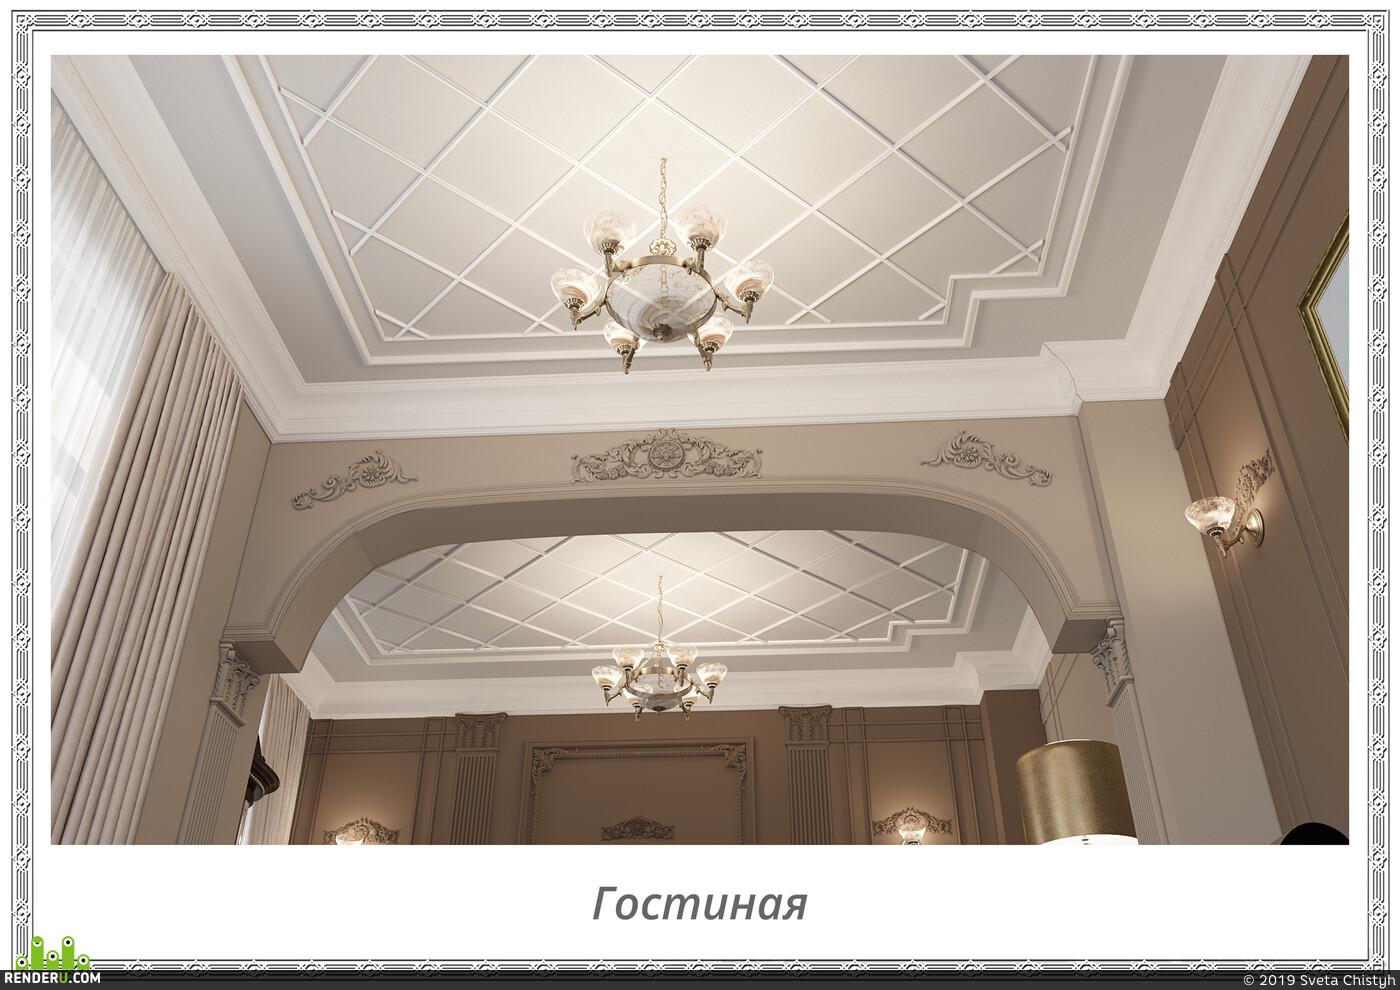 гостиная, классический стиль, классический, коричневый, гипс, лепнина, рамки, Диван для гостиной мебель интерьер дизайн фурнитура гостиная комната отдыха модель полигоны кожа текстура ткань минимализм мода спаль, комод